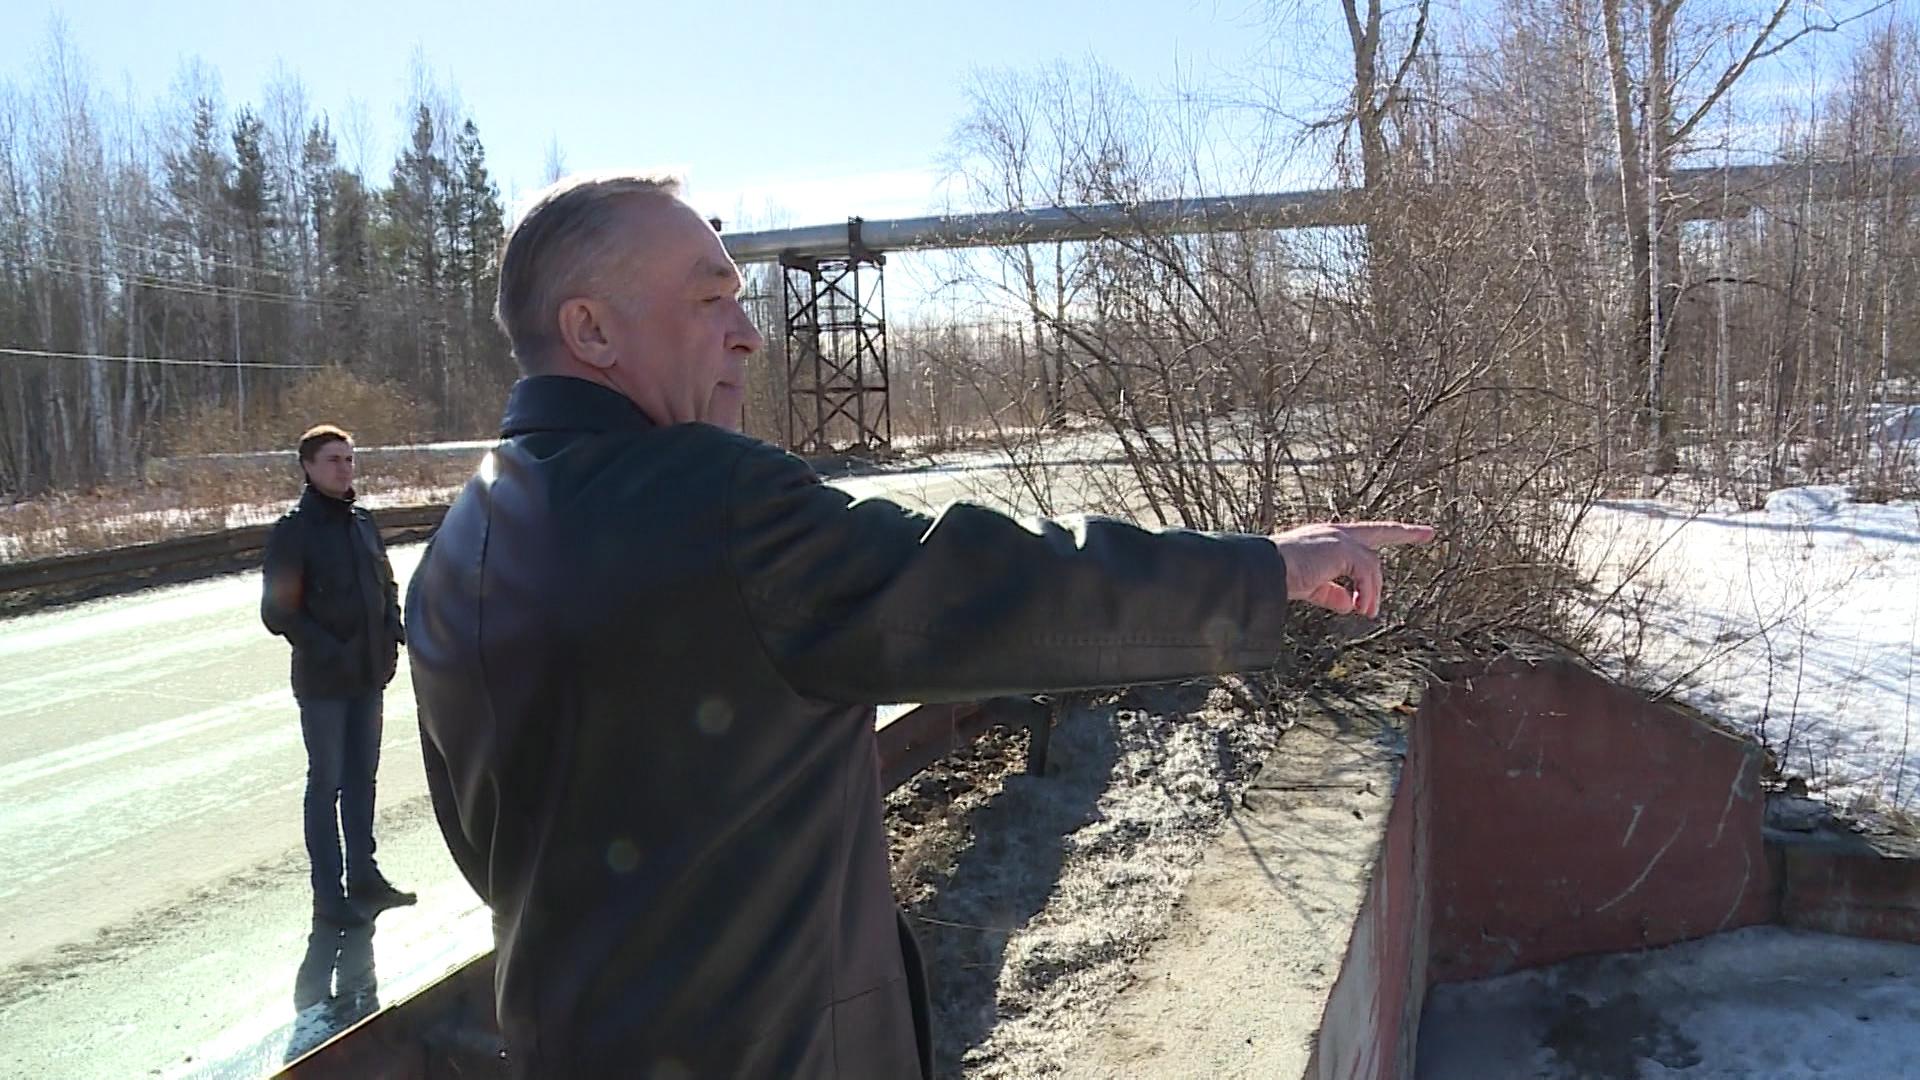 Заторов нет, бобры плотины не строят. Специальная комиссия провела плановый предпаводковый осмотр гидротехнических сооружений Новоуральска